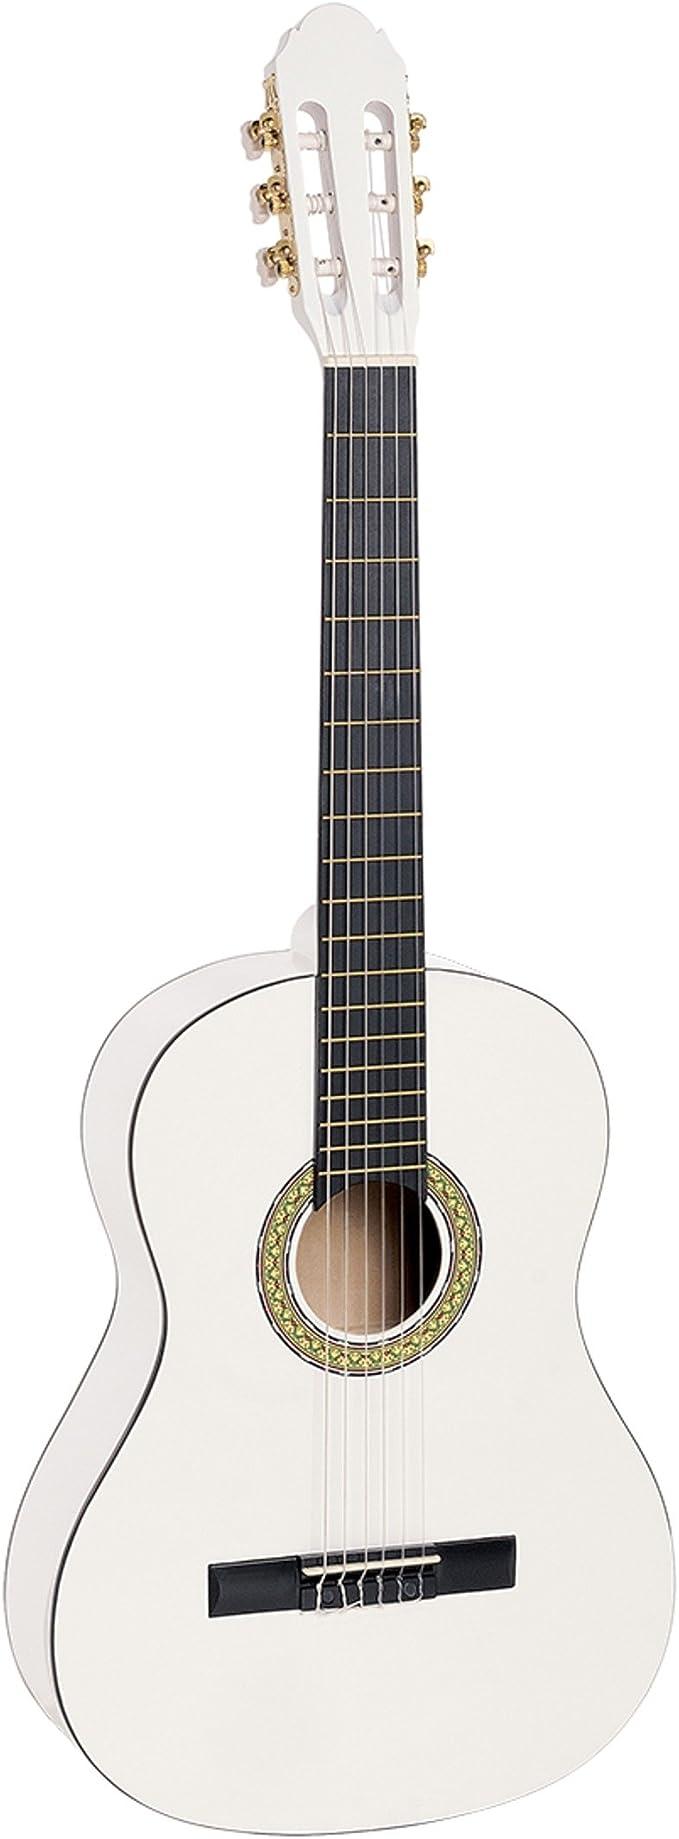 Guitarra clásica española TOLEDO PRIMERA 3/4 WH en color blanco ...